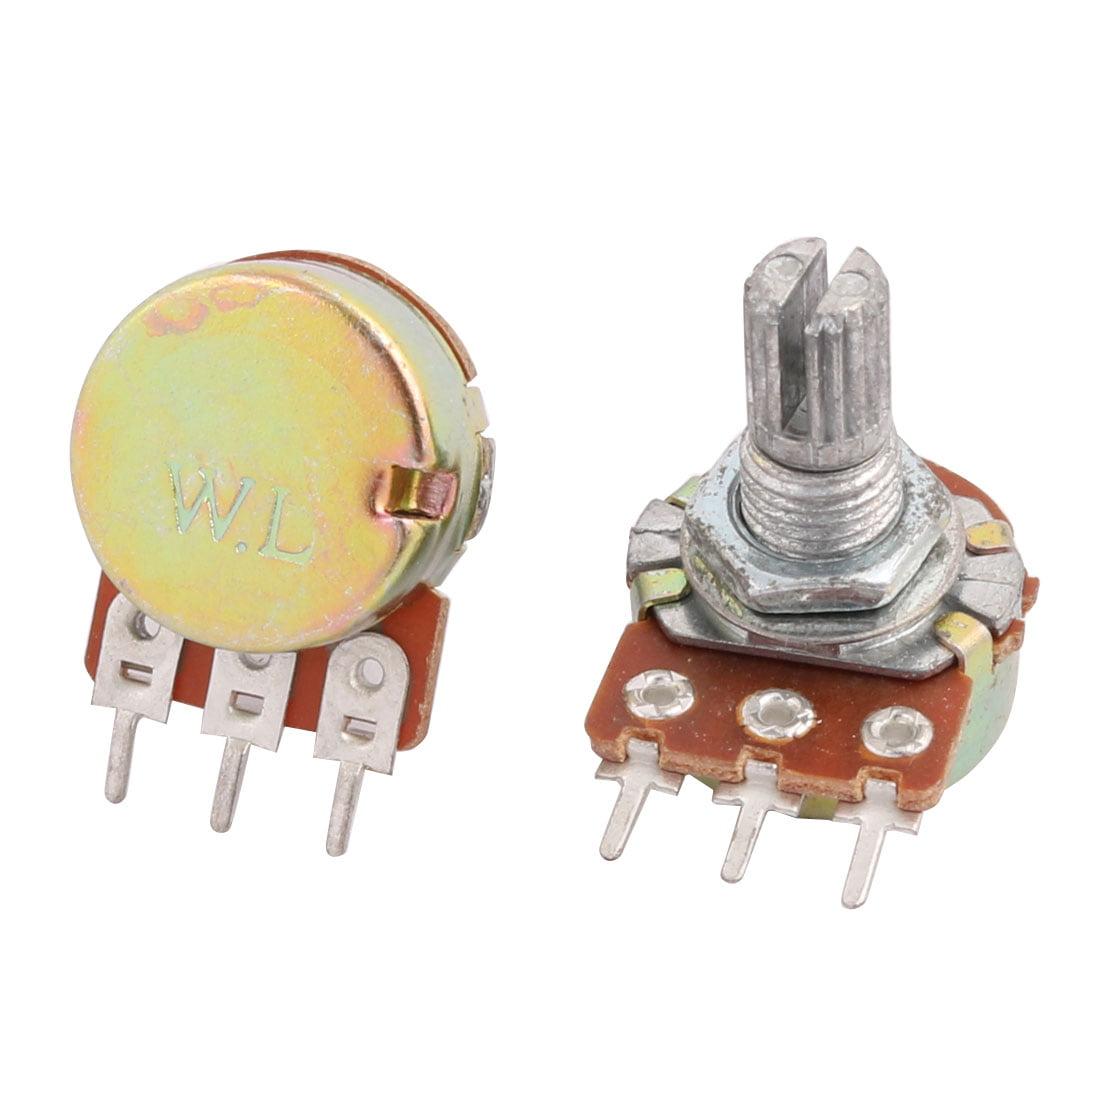 B50K 50K Ohm Adjustment Single Linear Rotary Taper Potentiometer 5 Pcs